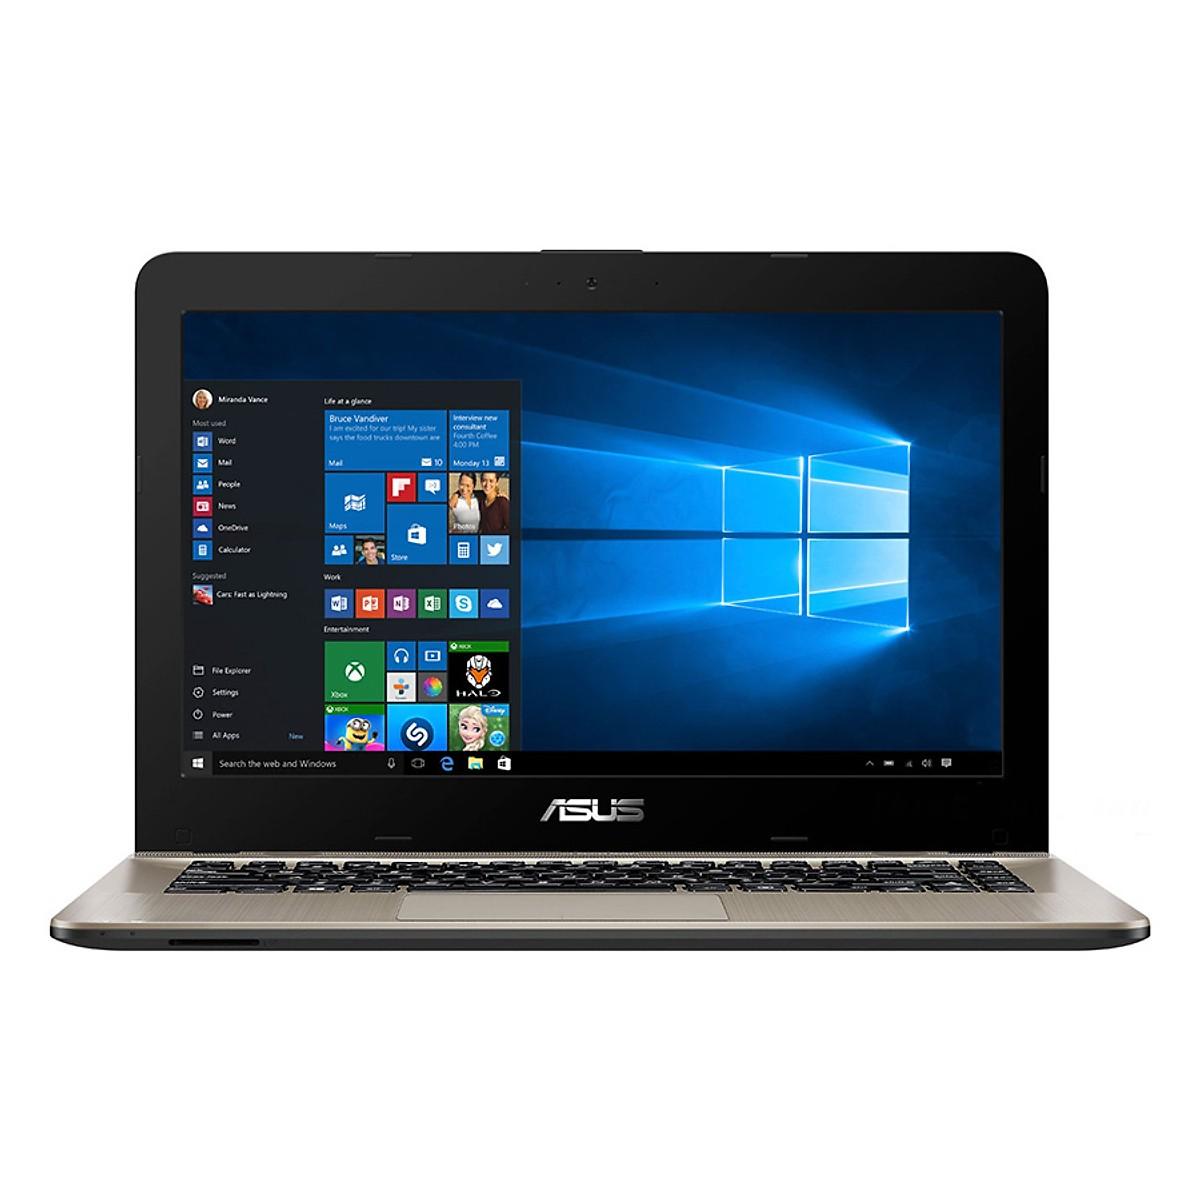 Asus   Máy tính xách tay - Laptop    Laptop Asus X441UA-GA070 Core i3 - 7100U / Free DOS (14inch) –